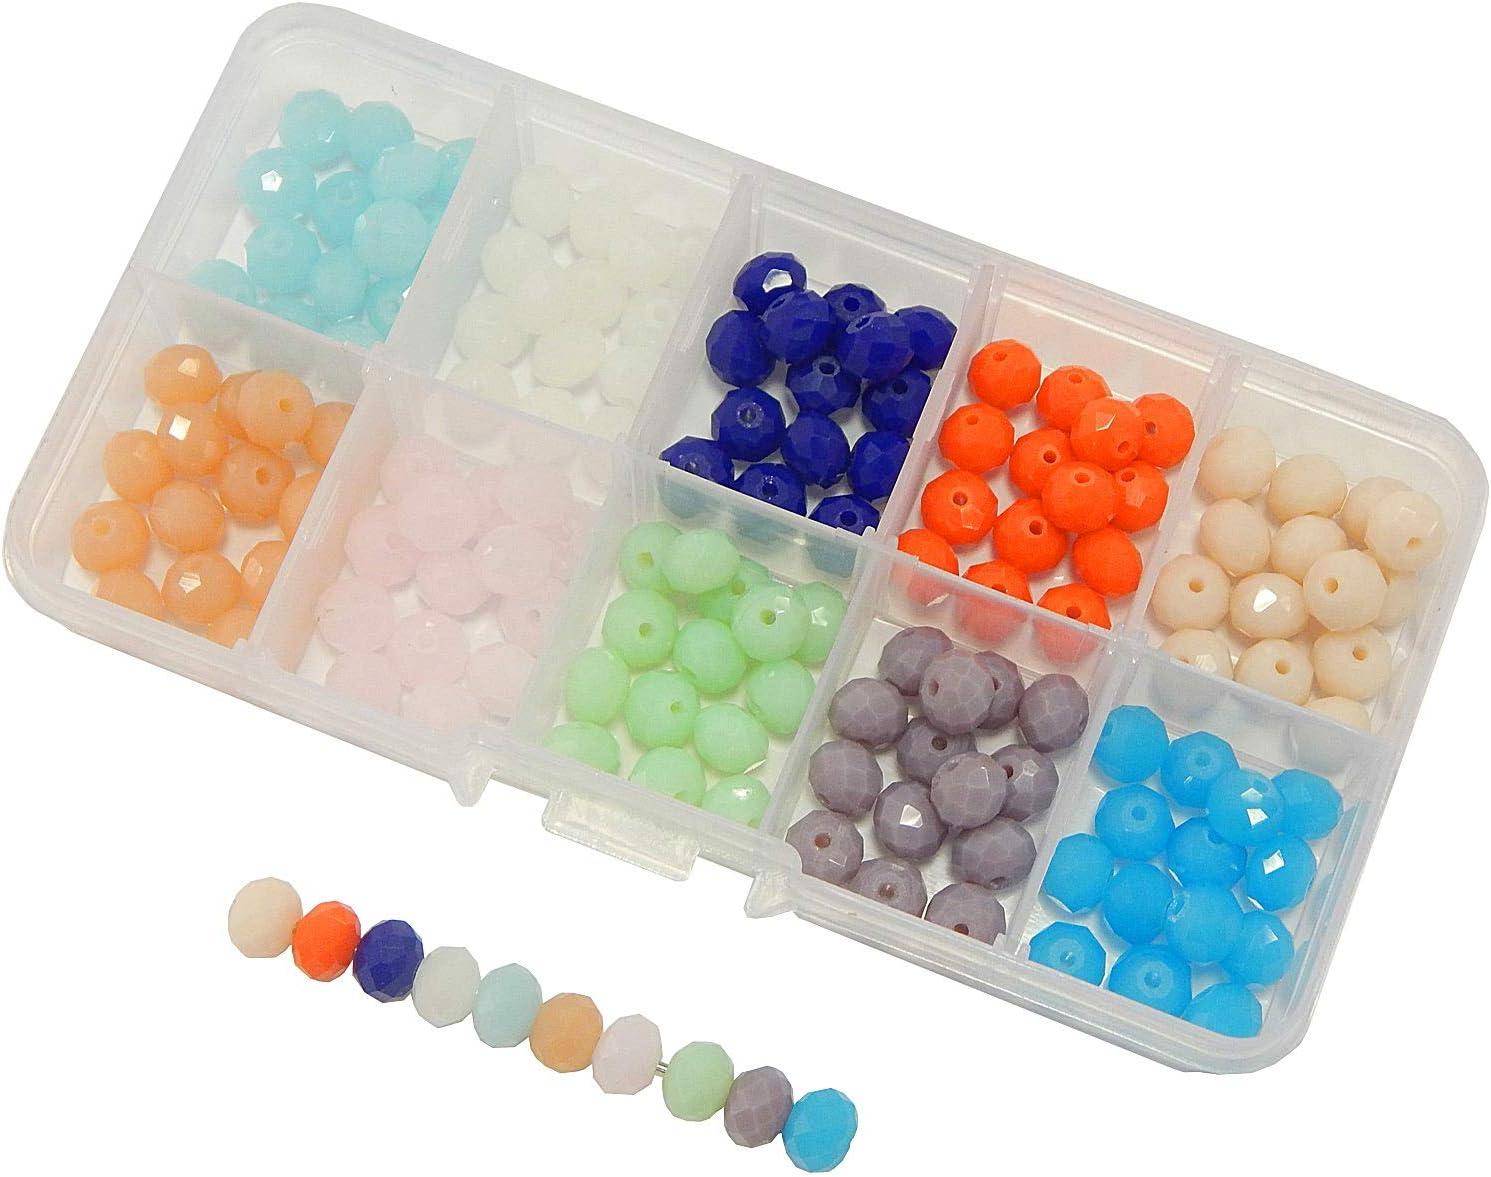 Juego de 150 perlas de jade de 8 x 6 mm con caja de clasificación, piedras preciosas, piedras semipreciosas, 10 colores, redondas facetadas para pulseras, collares, manualidades, joyas de colores